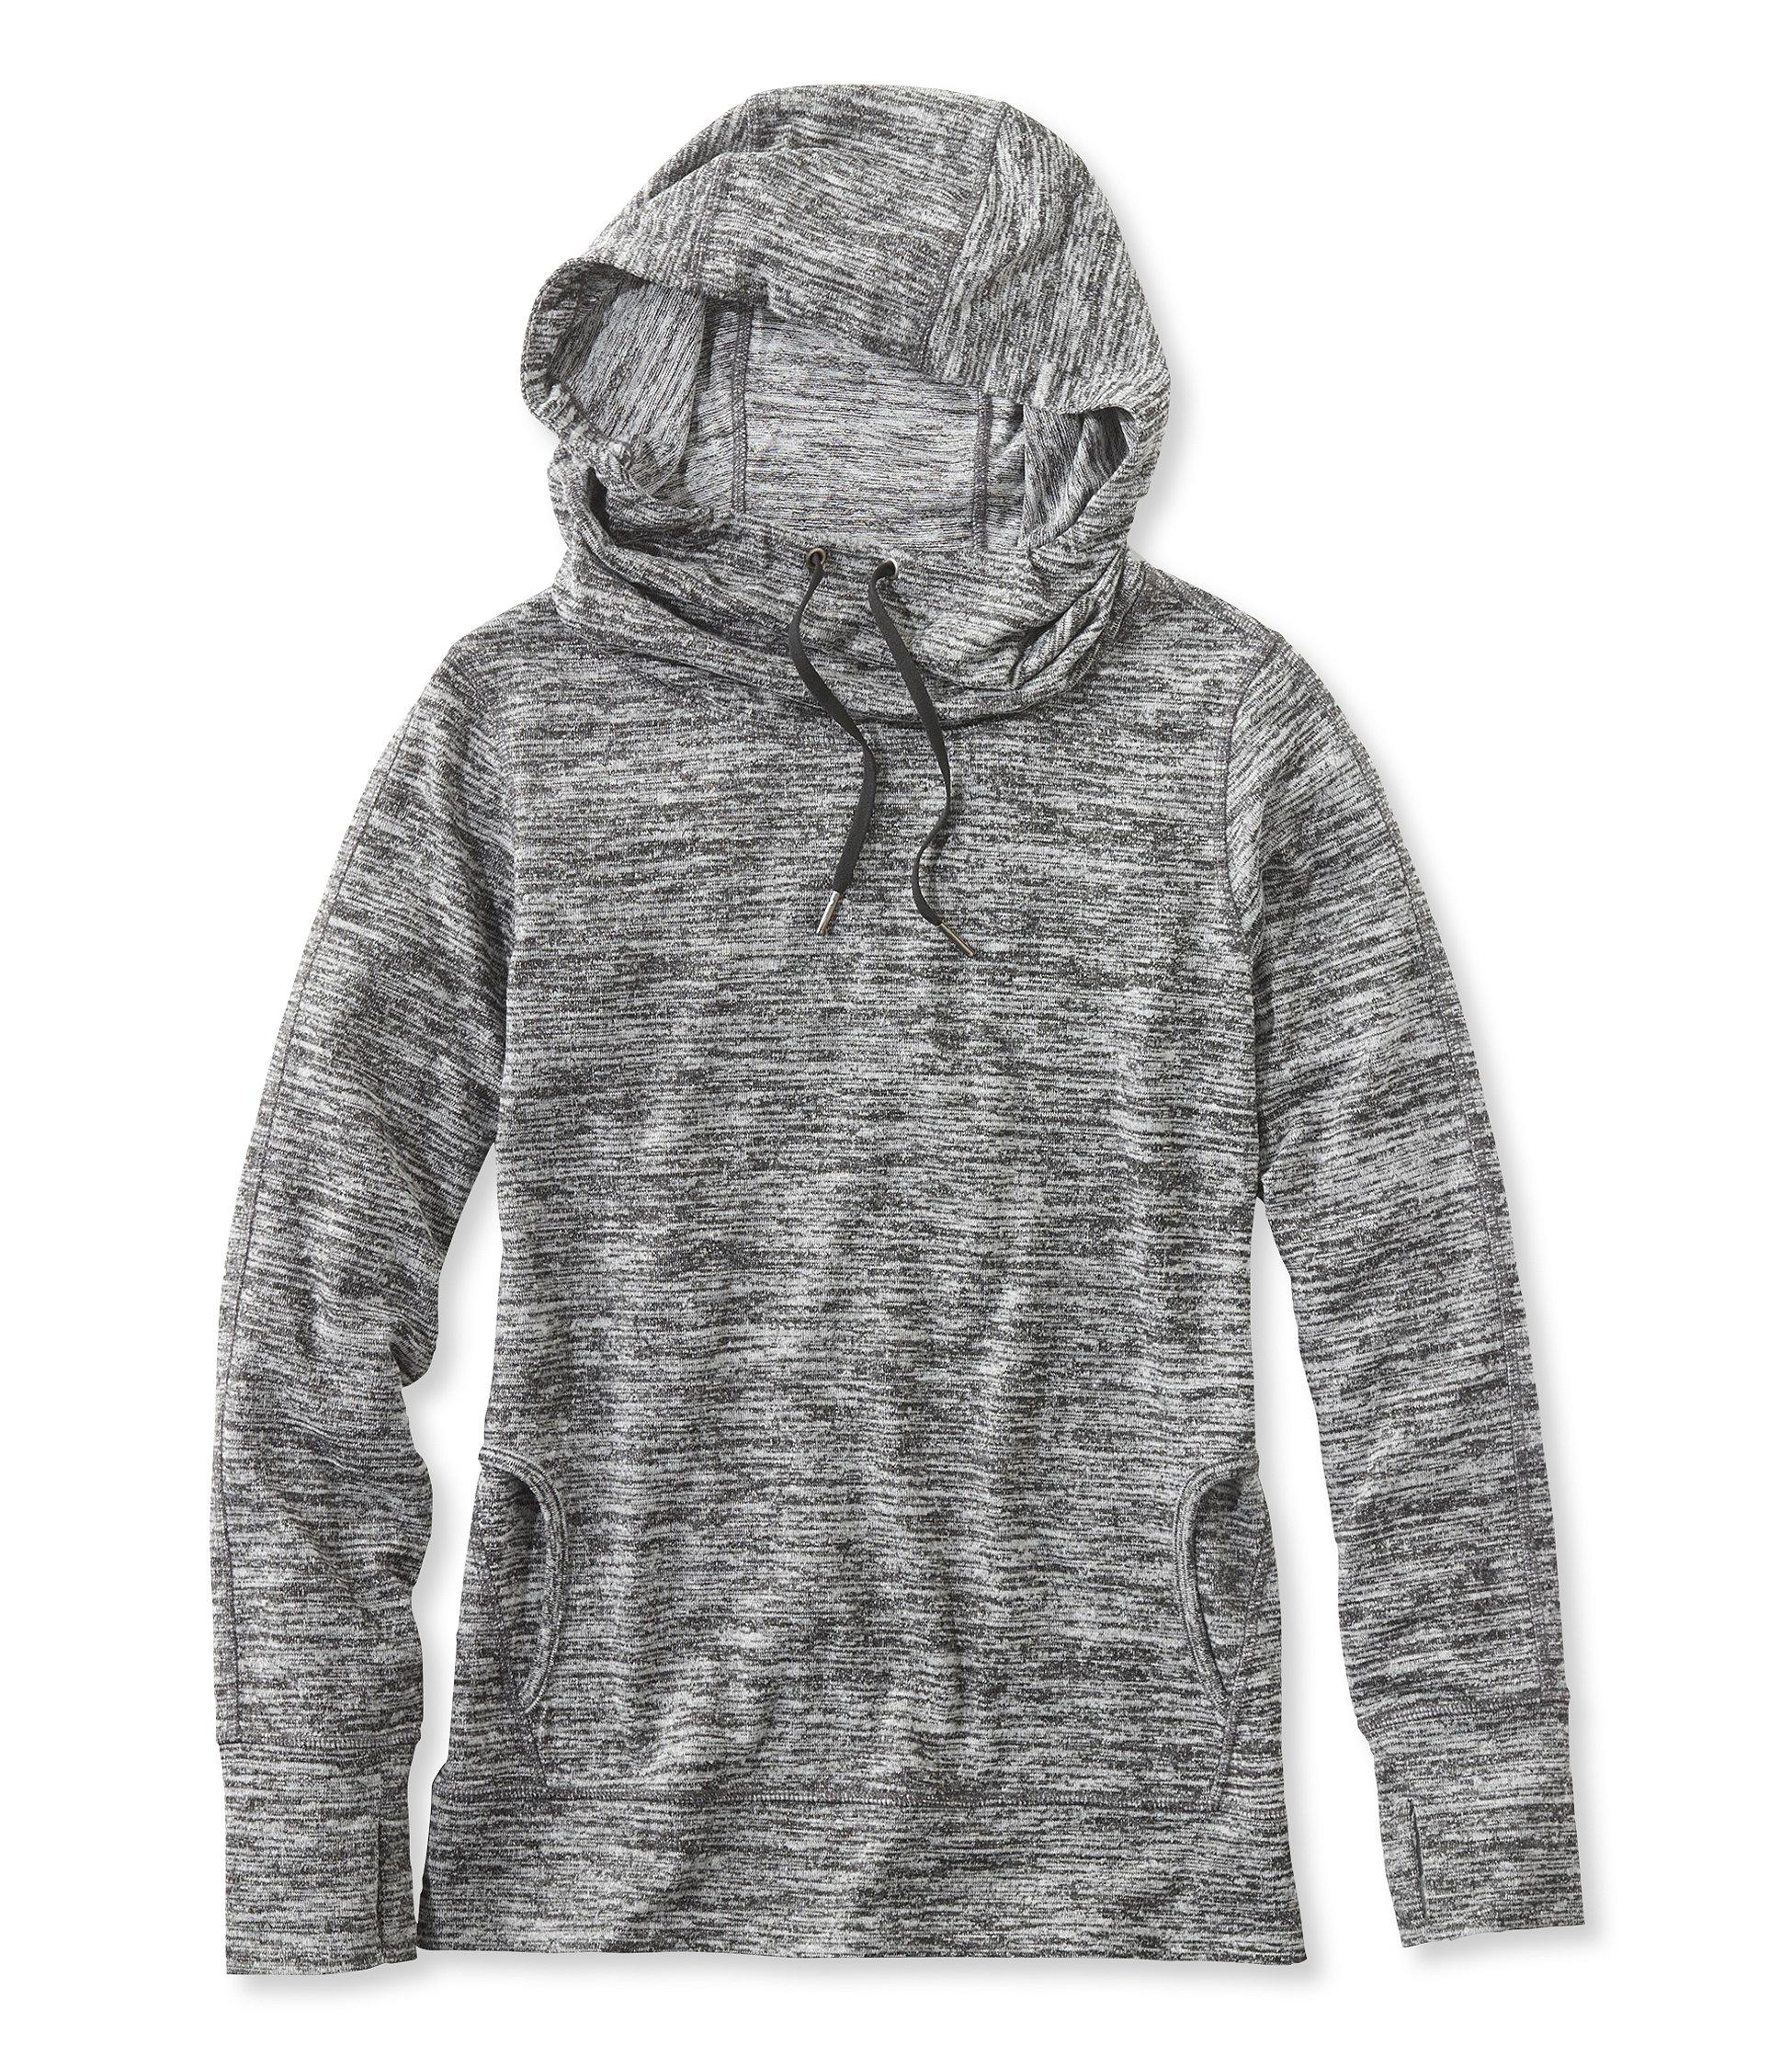 L.L.Bean Marled Performance Sweatshirt